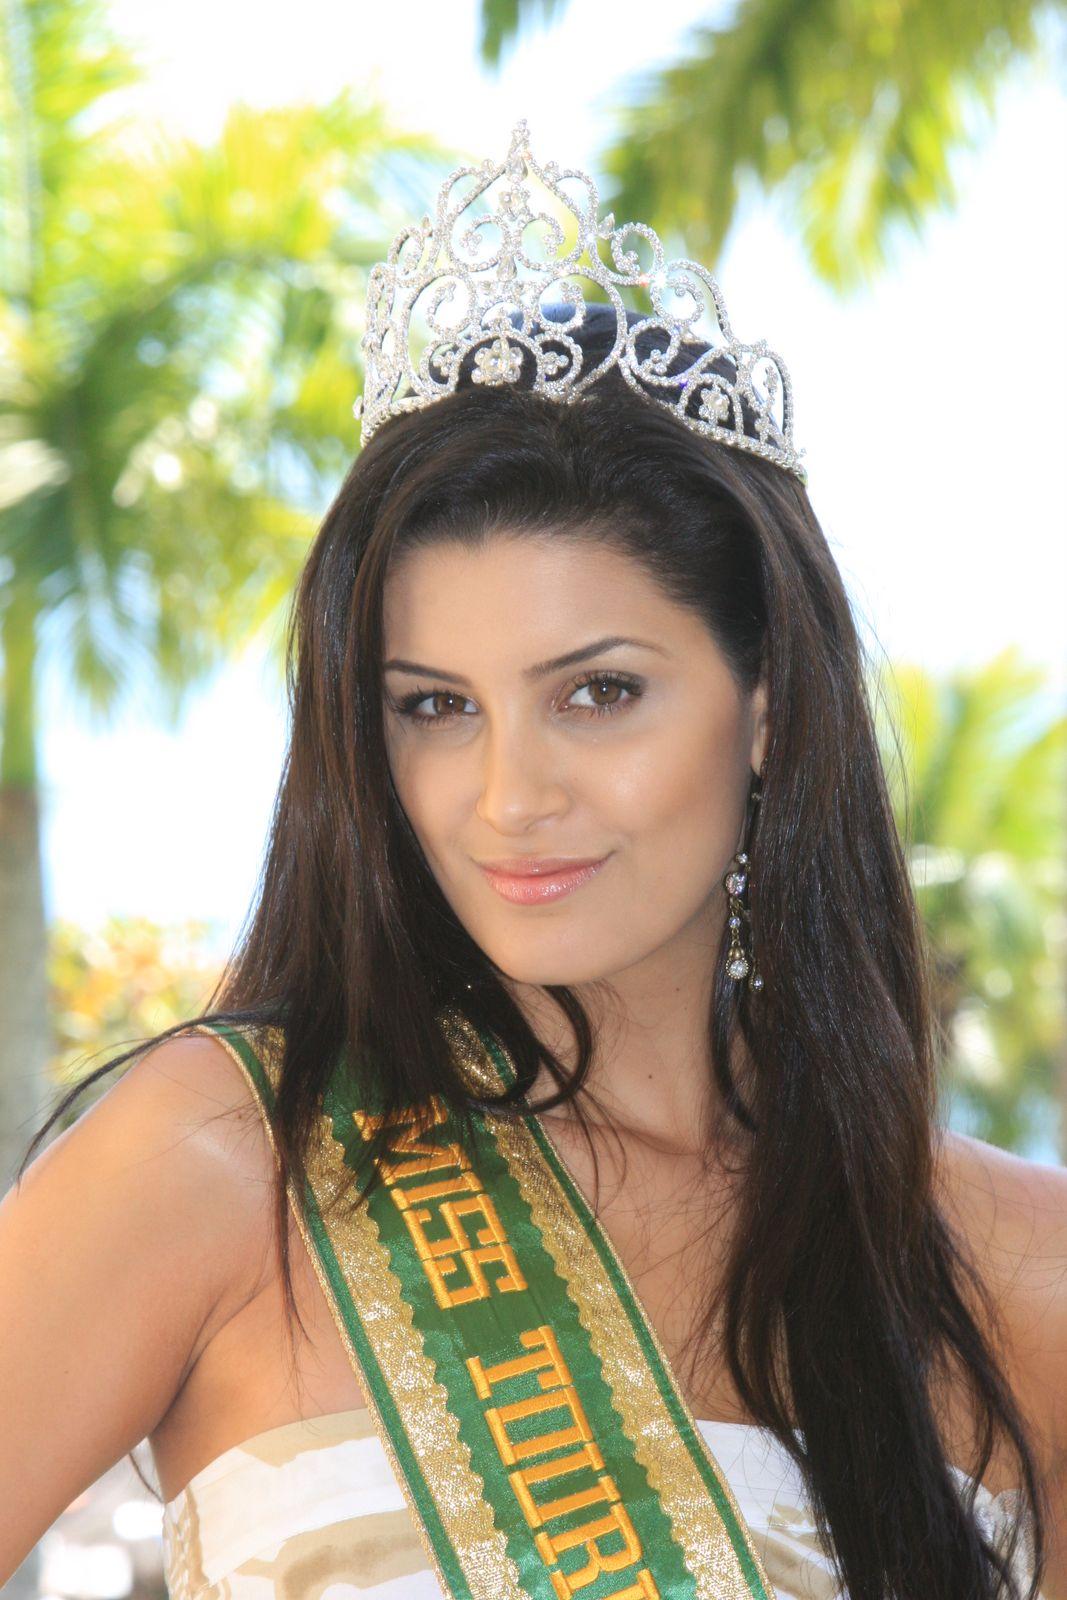 vivian noronha, rainha hispanoamericana 2008. suplente. - Página 2 Ke99mupu